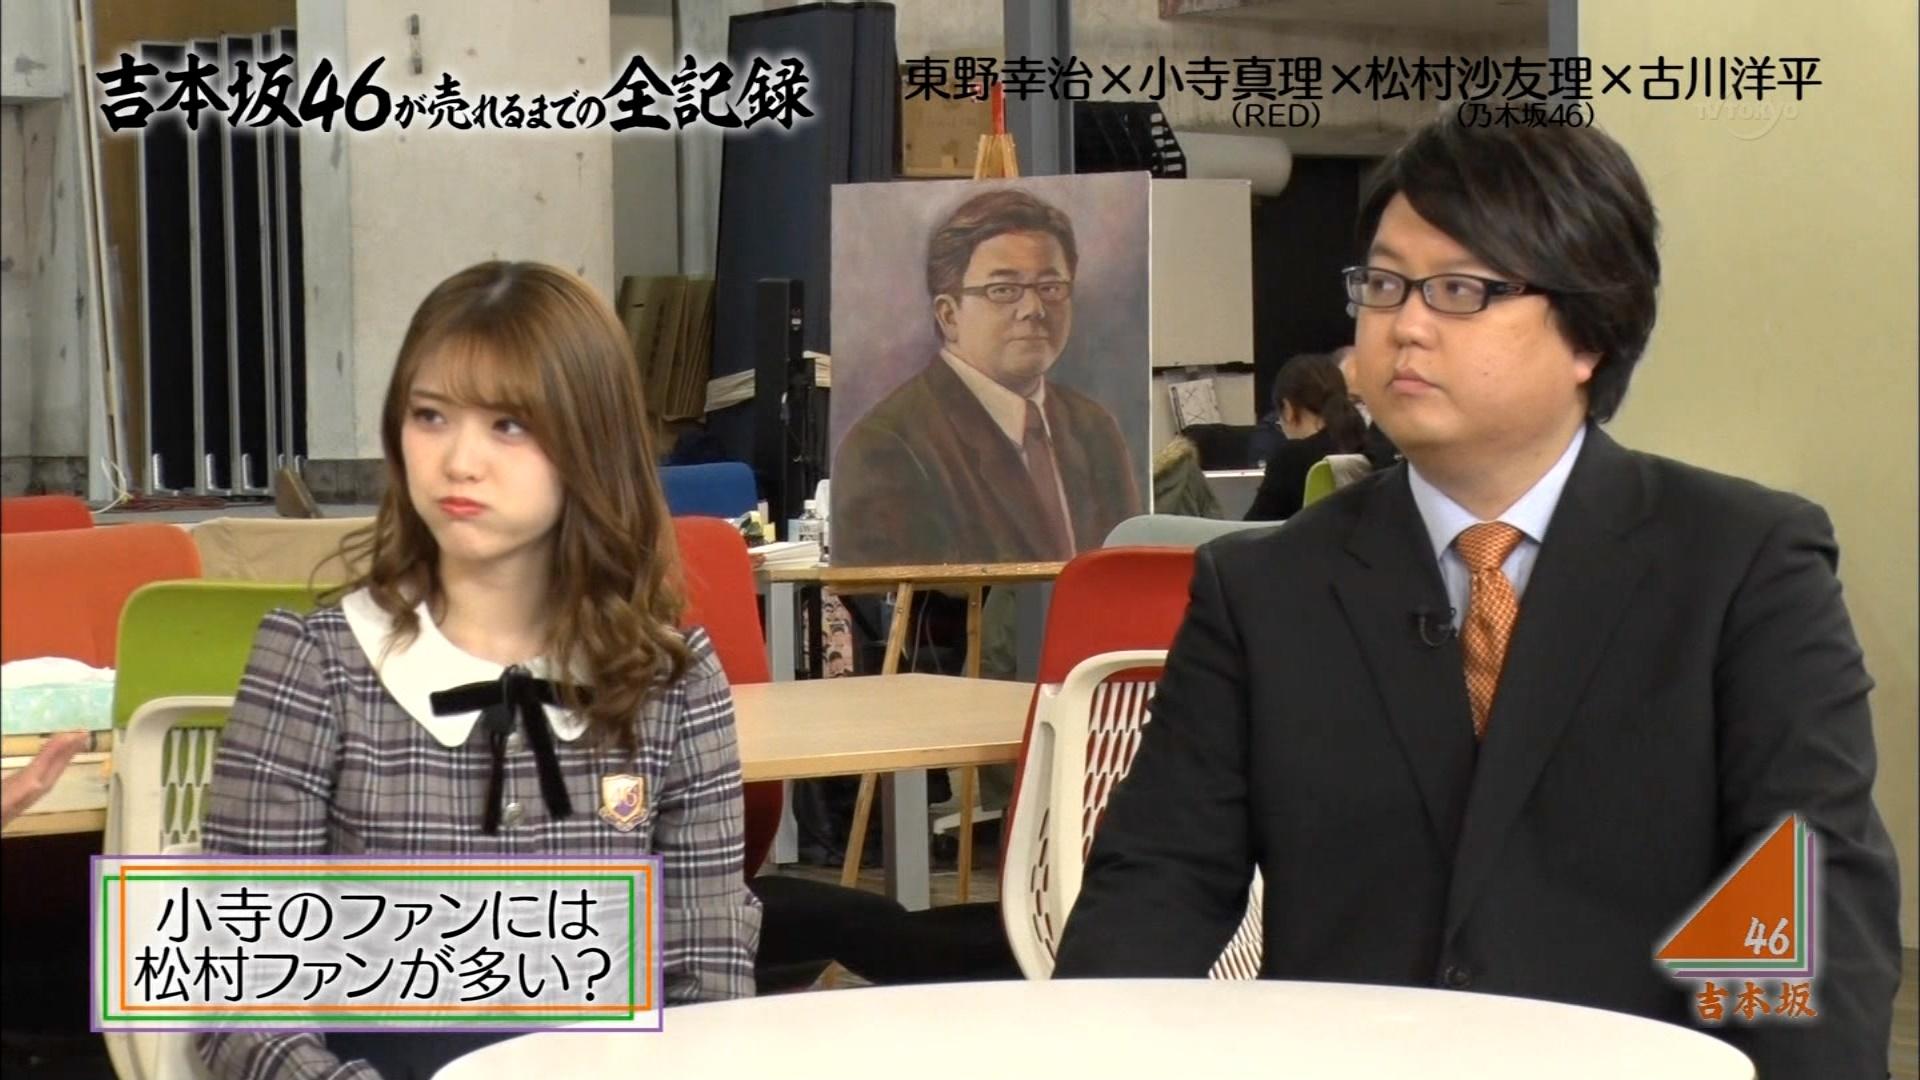 松村さん吉本坂メンバーの握手会に自分のファンが居た事に激怒「浮気相手に俺奥さん居るけどいい?って言ってるようなもの」